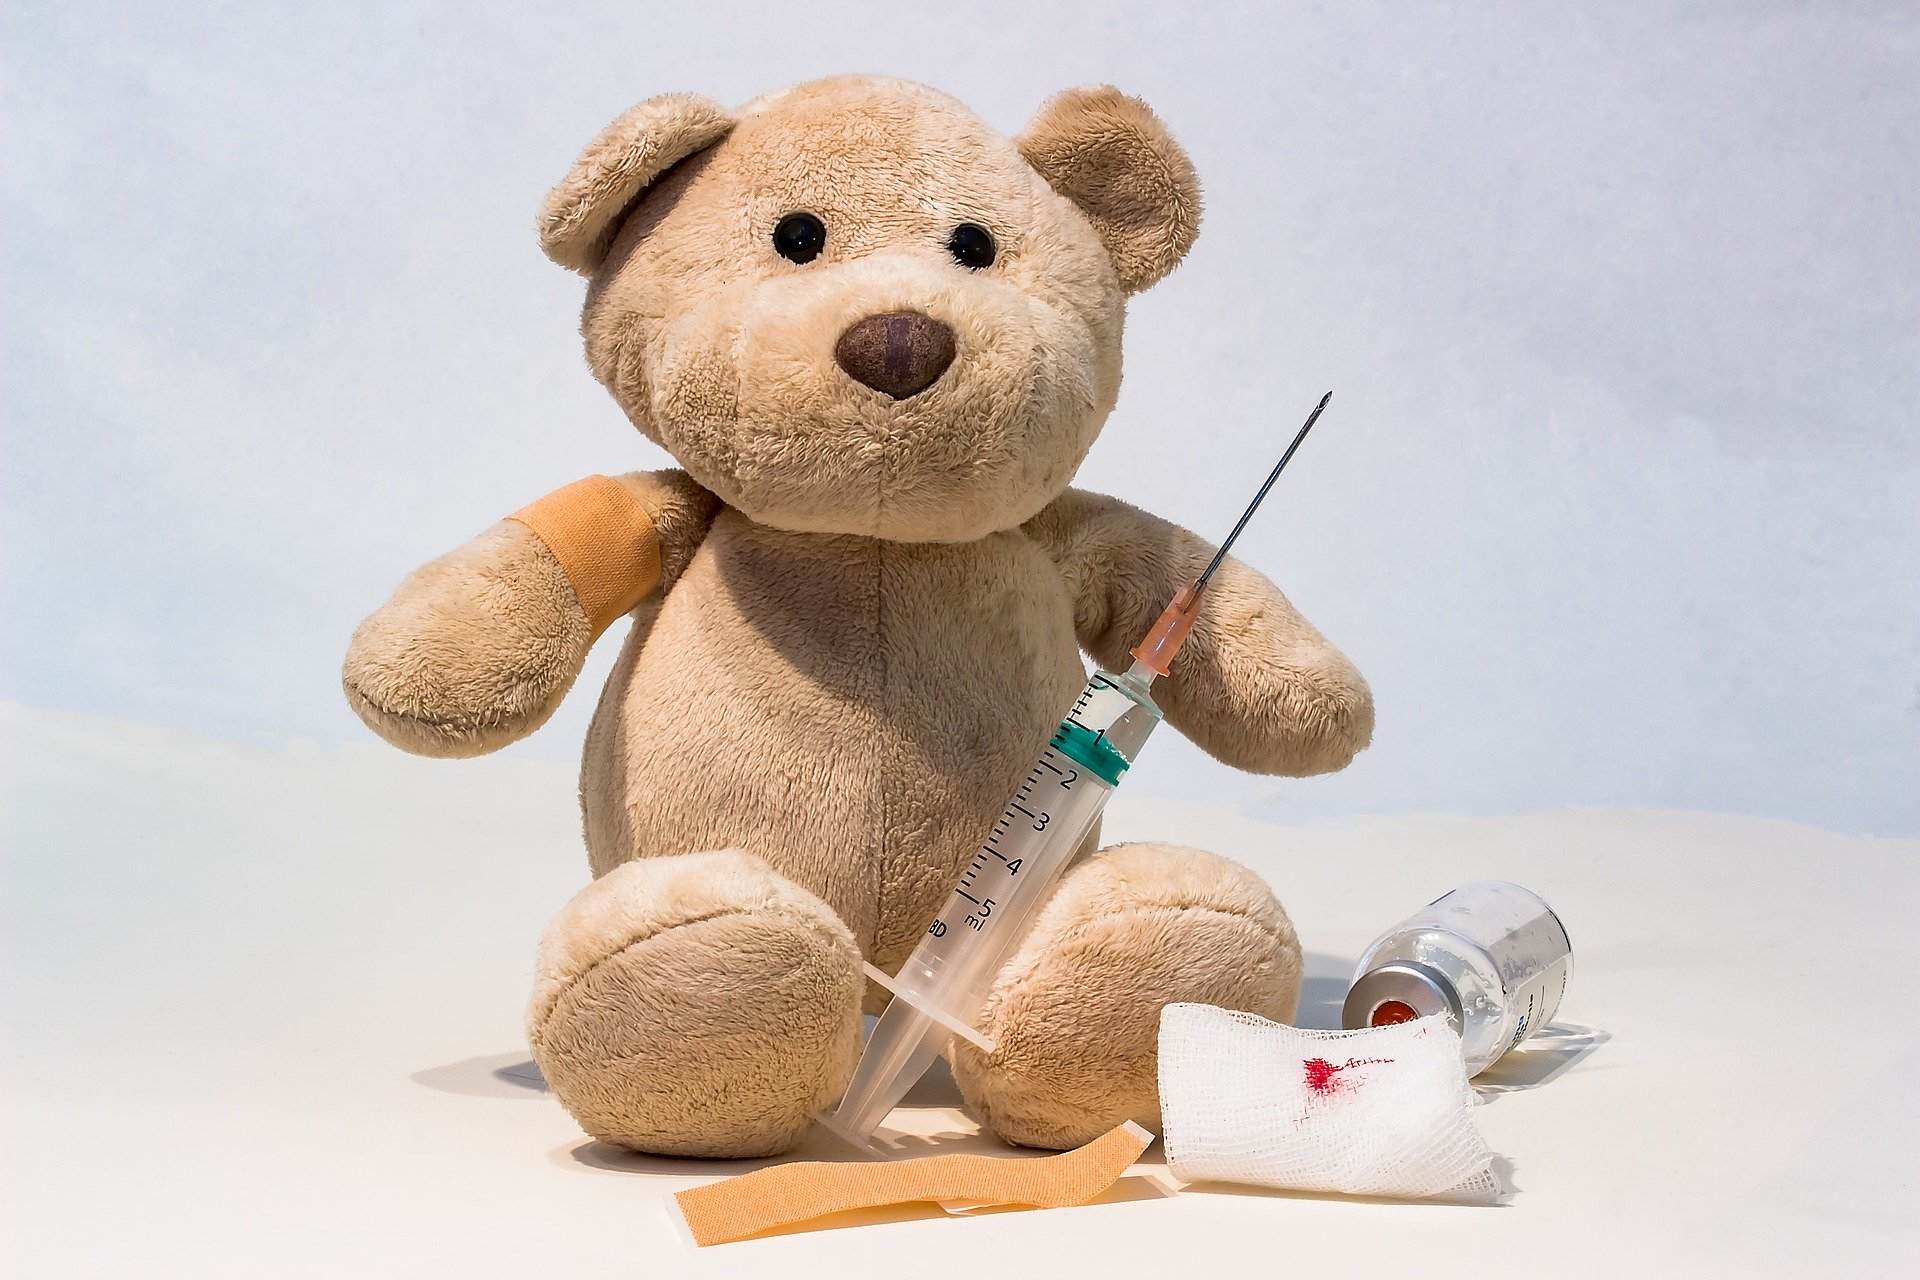 Szczepienia ochronne dla dzieci wznowione. Muszą być spełnione pewne warunki